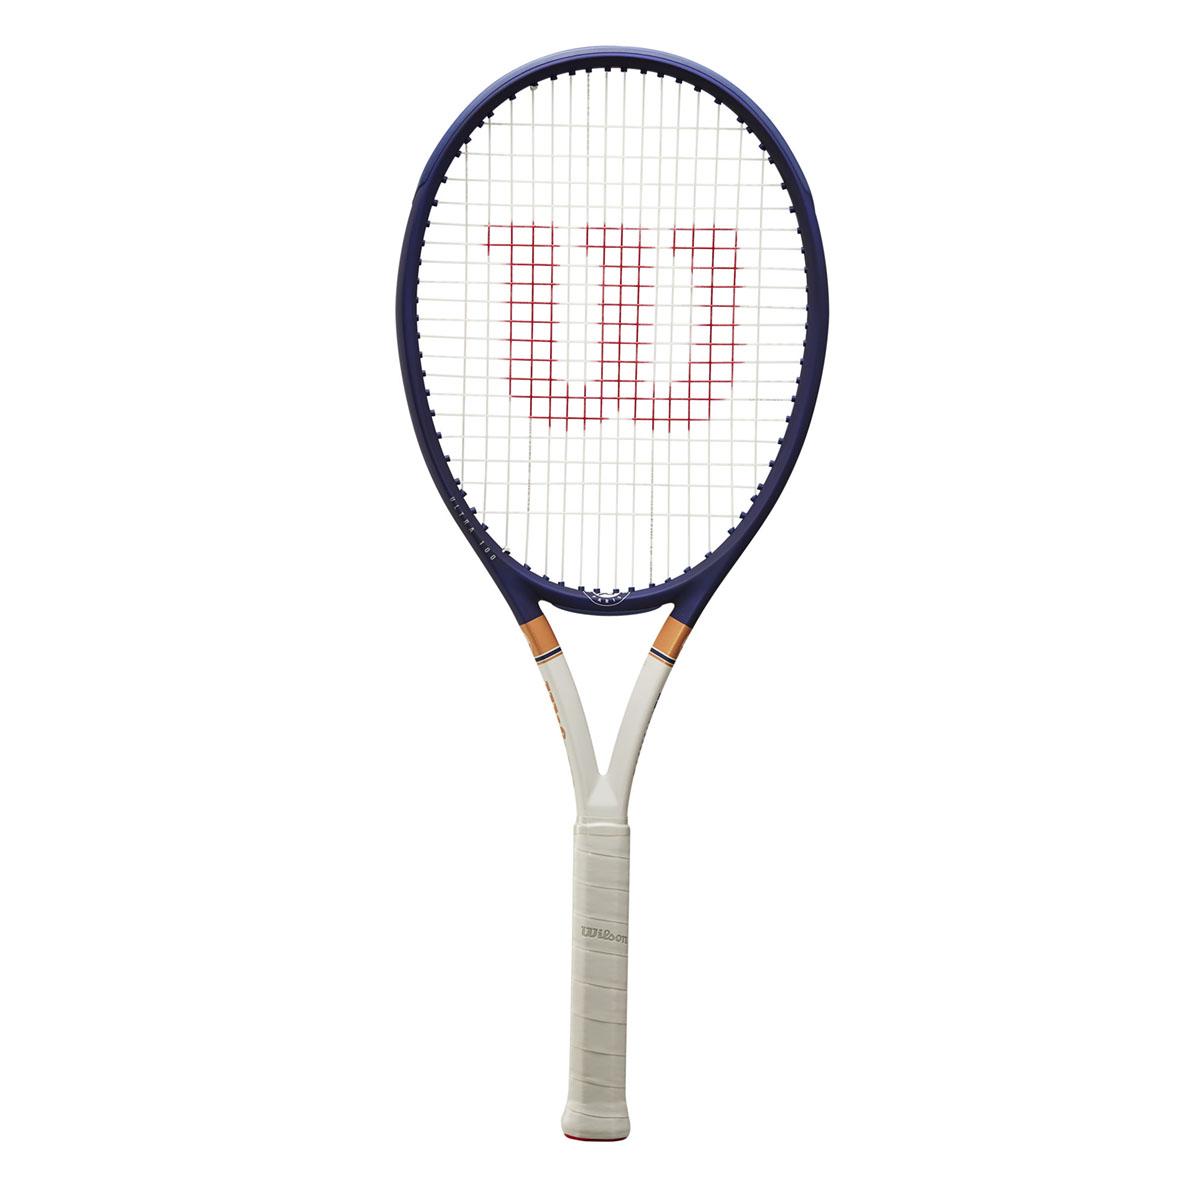 WR068411U_0_Ultra_100_Roland_Garros_NY_OR_GY.png.cq5dam.web.2000.2000